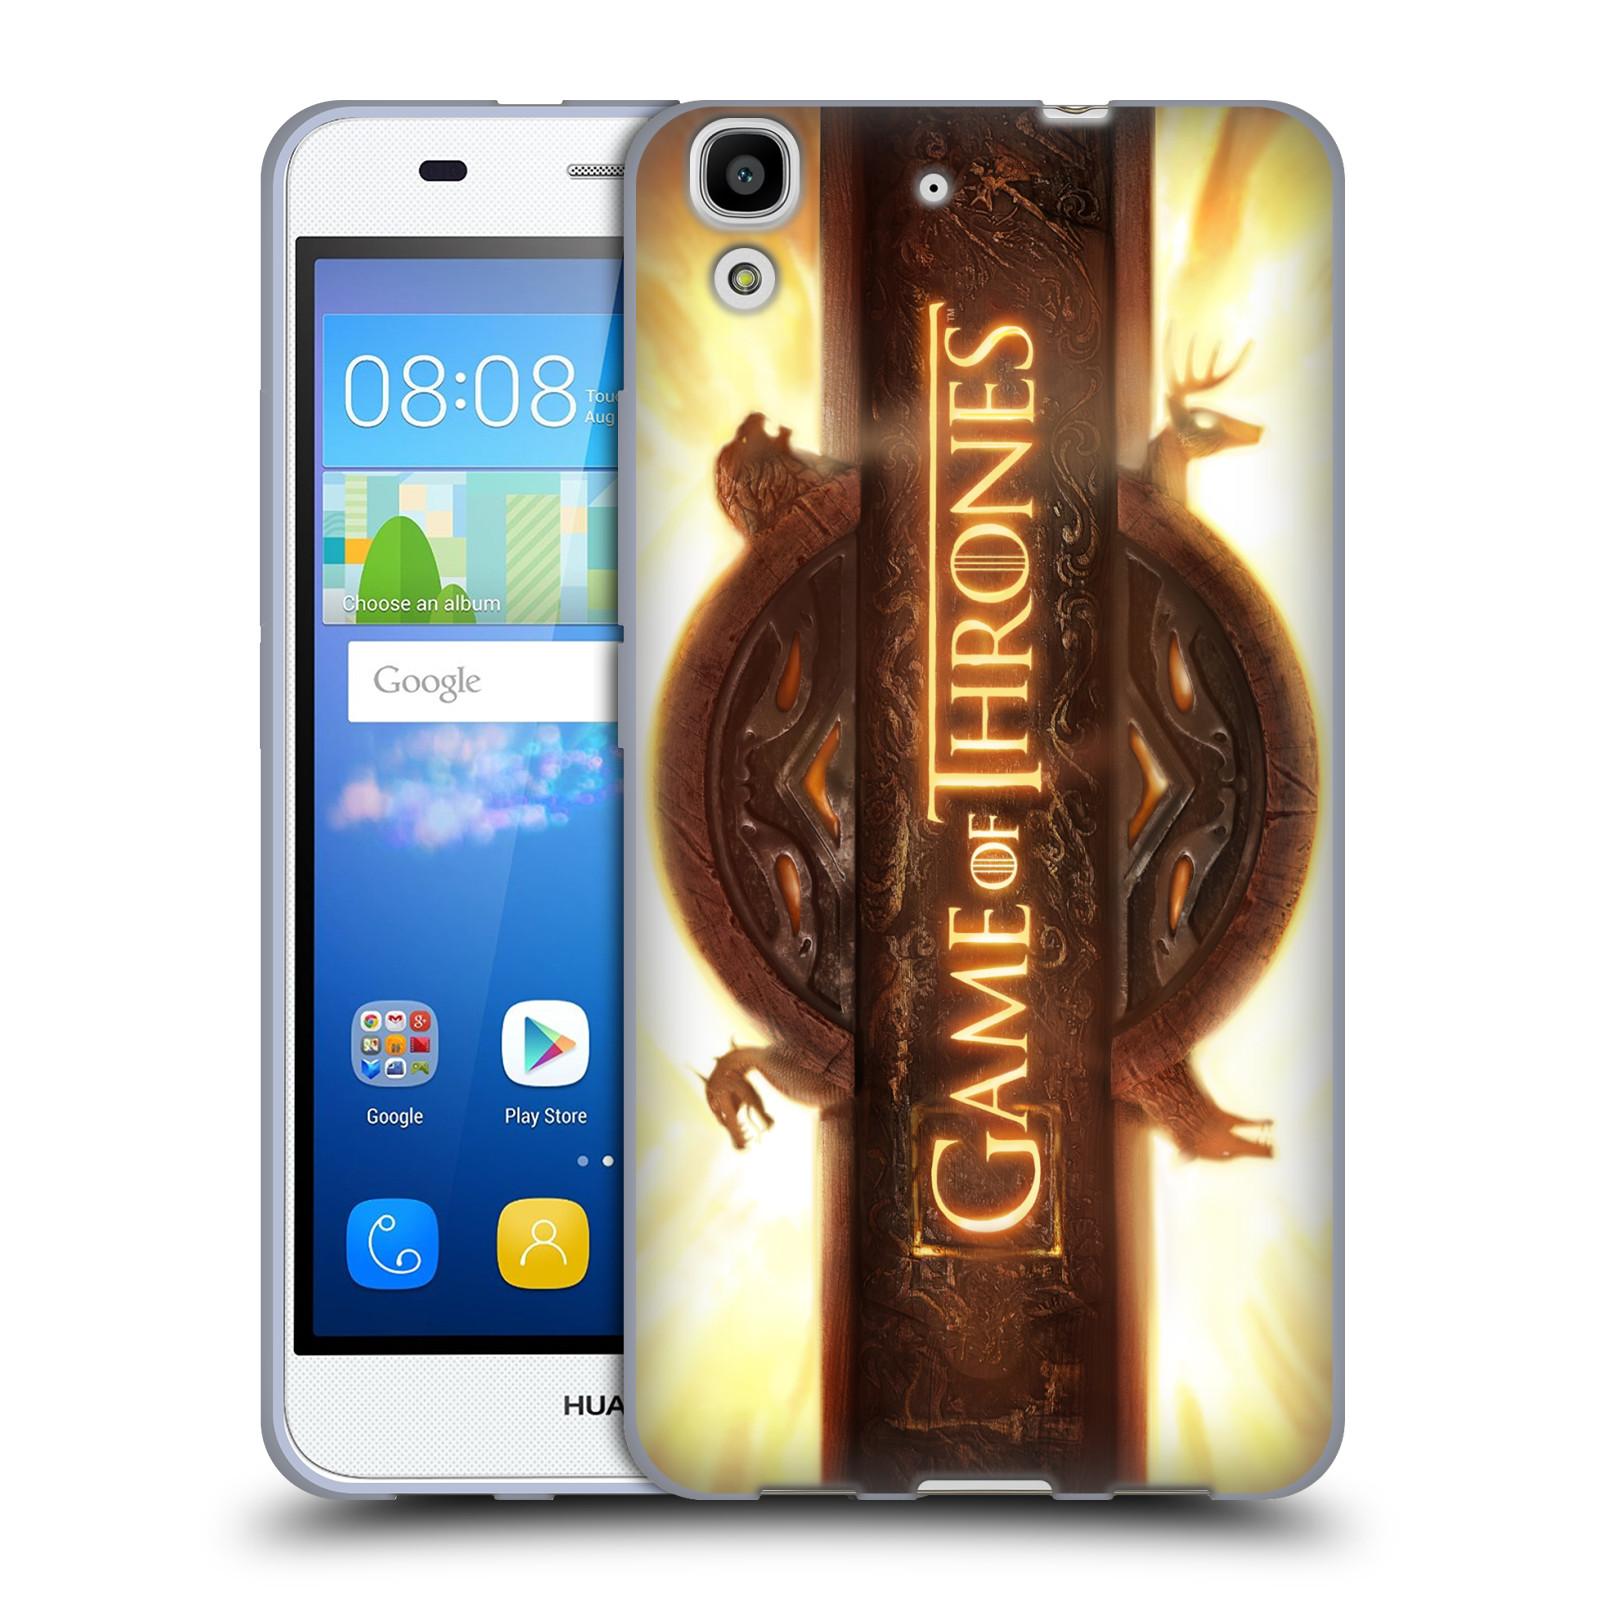 HEAD CASE silikonový obal na mobil Huawei Y6 oficiální kryt Hra o trůny úvodní motiv oheň